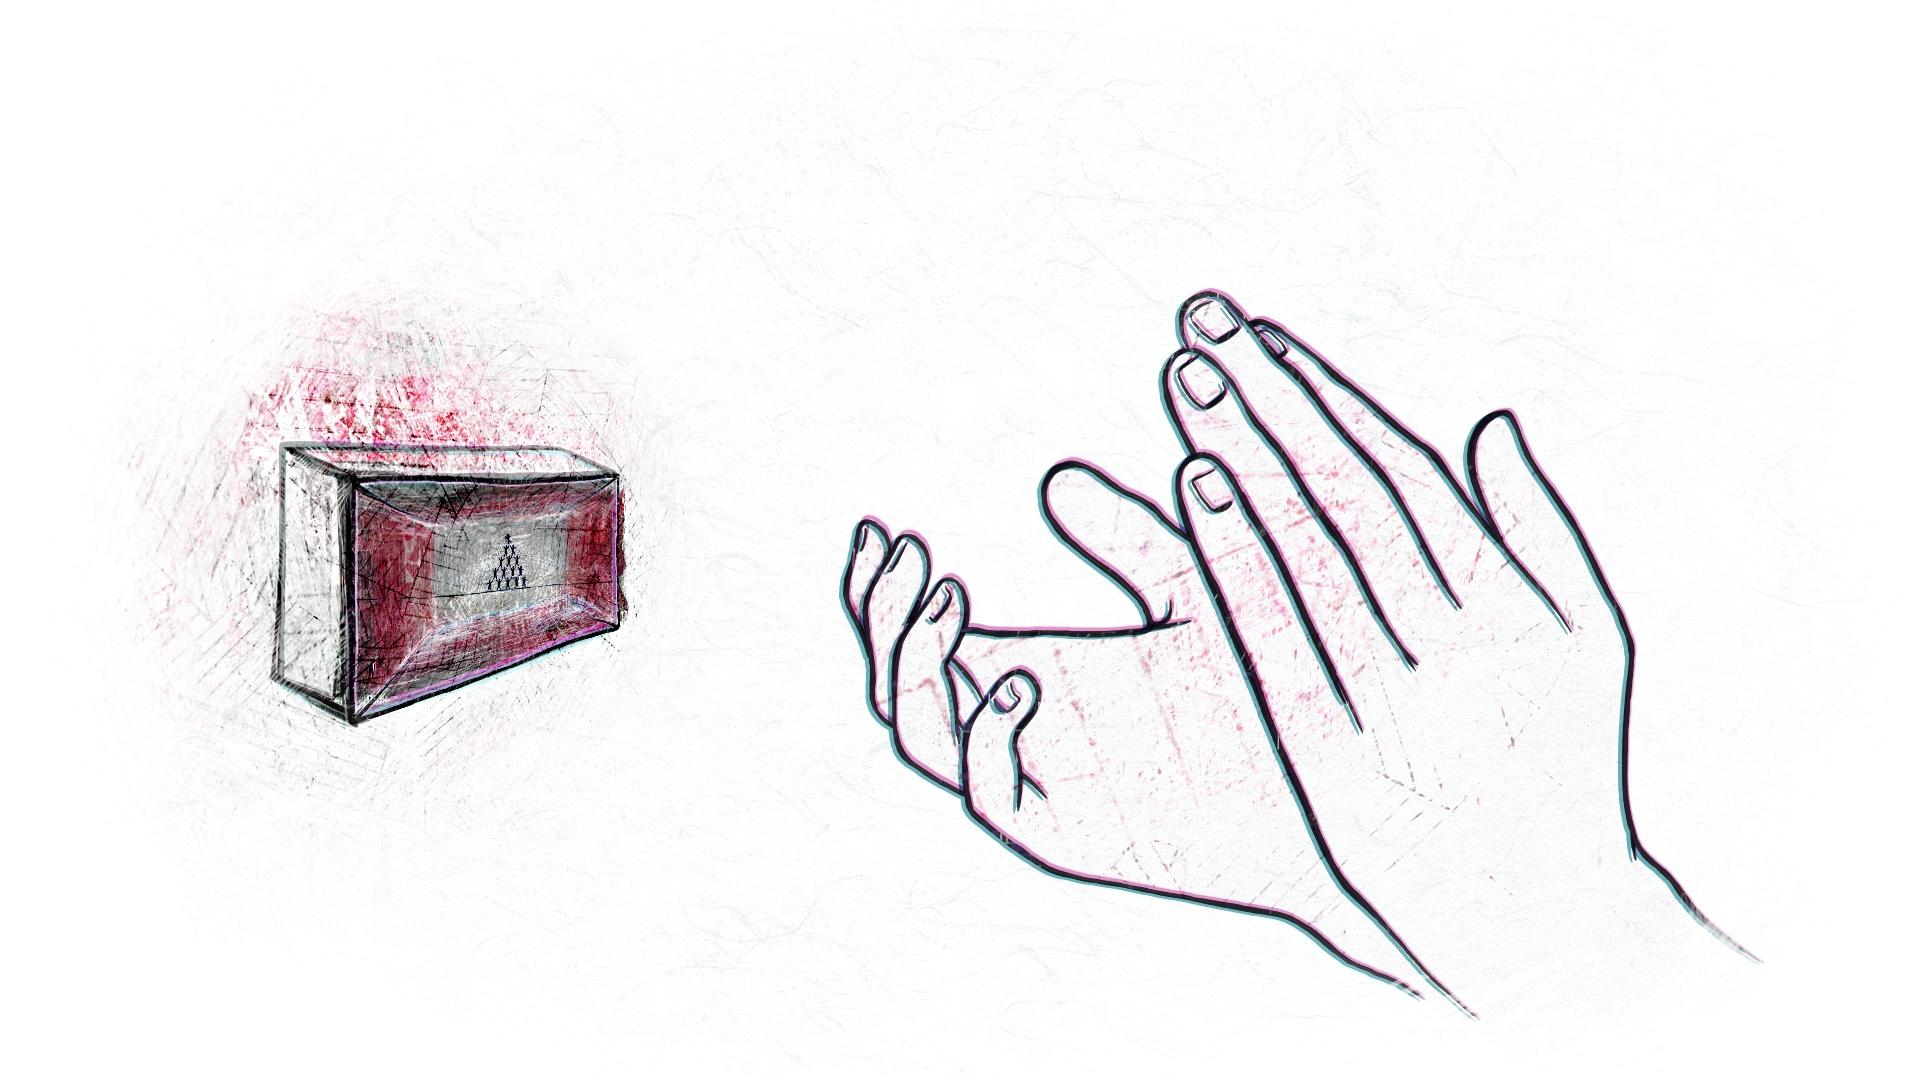 """Music Box - Krátky animovaný film režisérky Joanny Kożuch:""""Cieľ je jeden. Spôsobov je veľa. Voľba je na nás."""""""